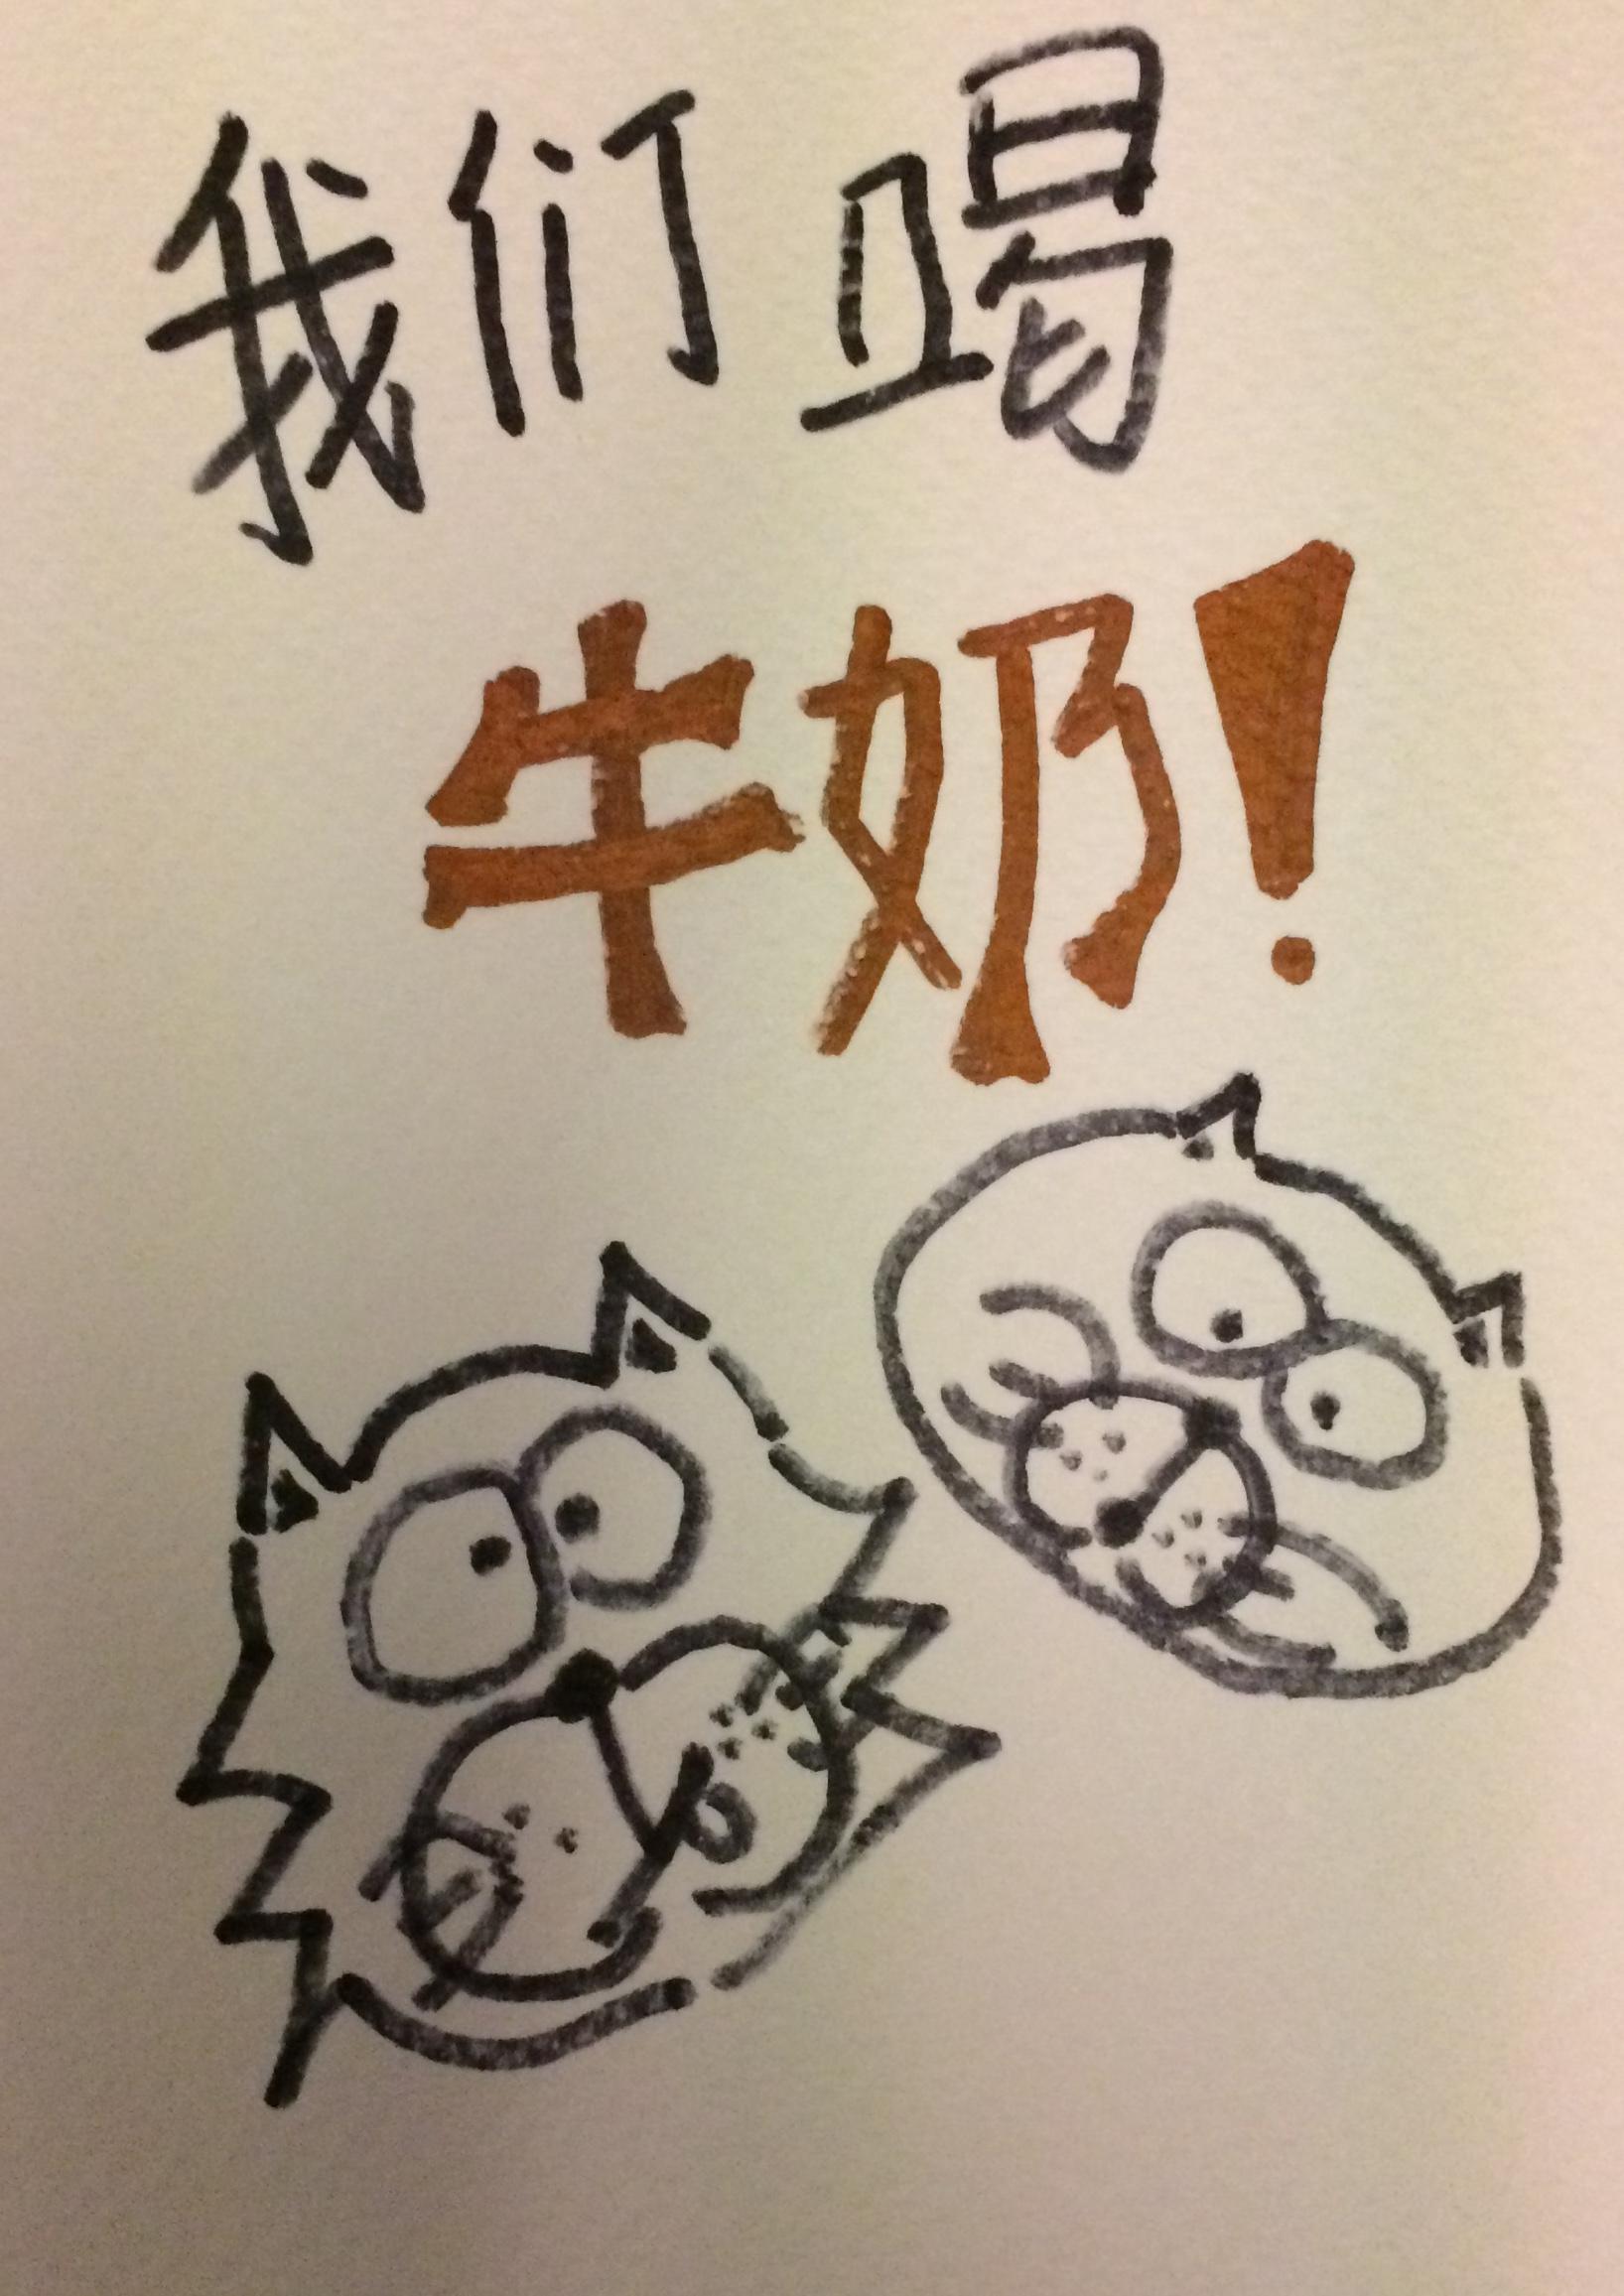 我们喝牛奶 かわいい ドイツ語 仔猫 描く コミックス comics kitten kätzchen drawing ink